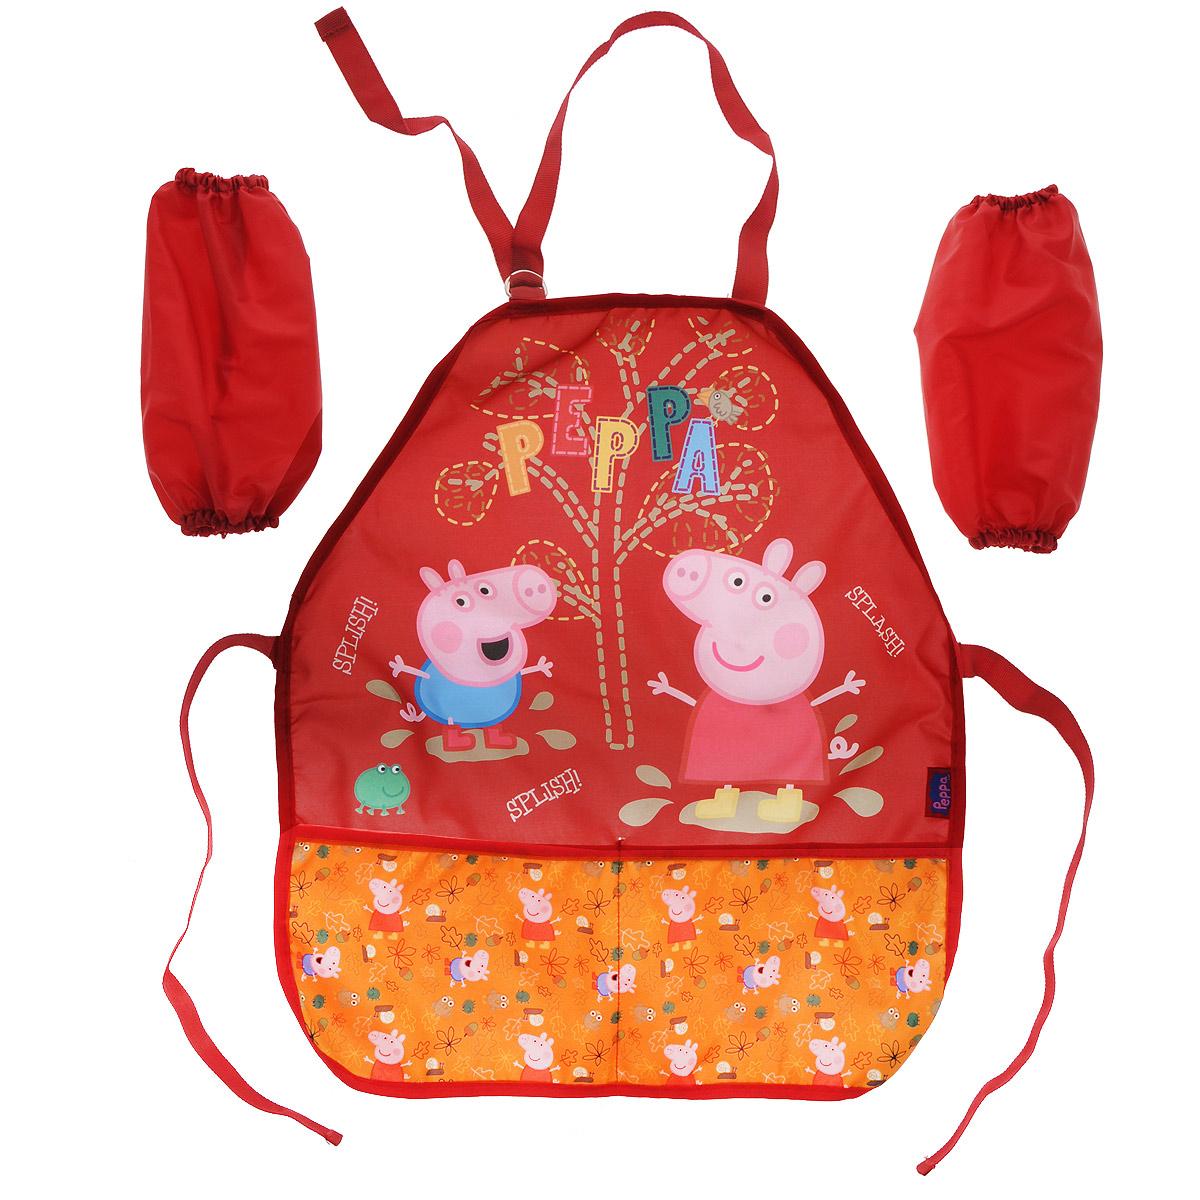 Фартук  Свинка Пеппа , с нарукавниками, цвет: красный -  Аксессуары для труда